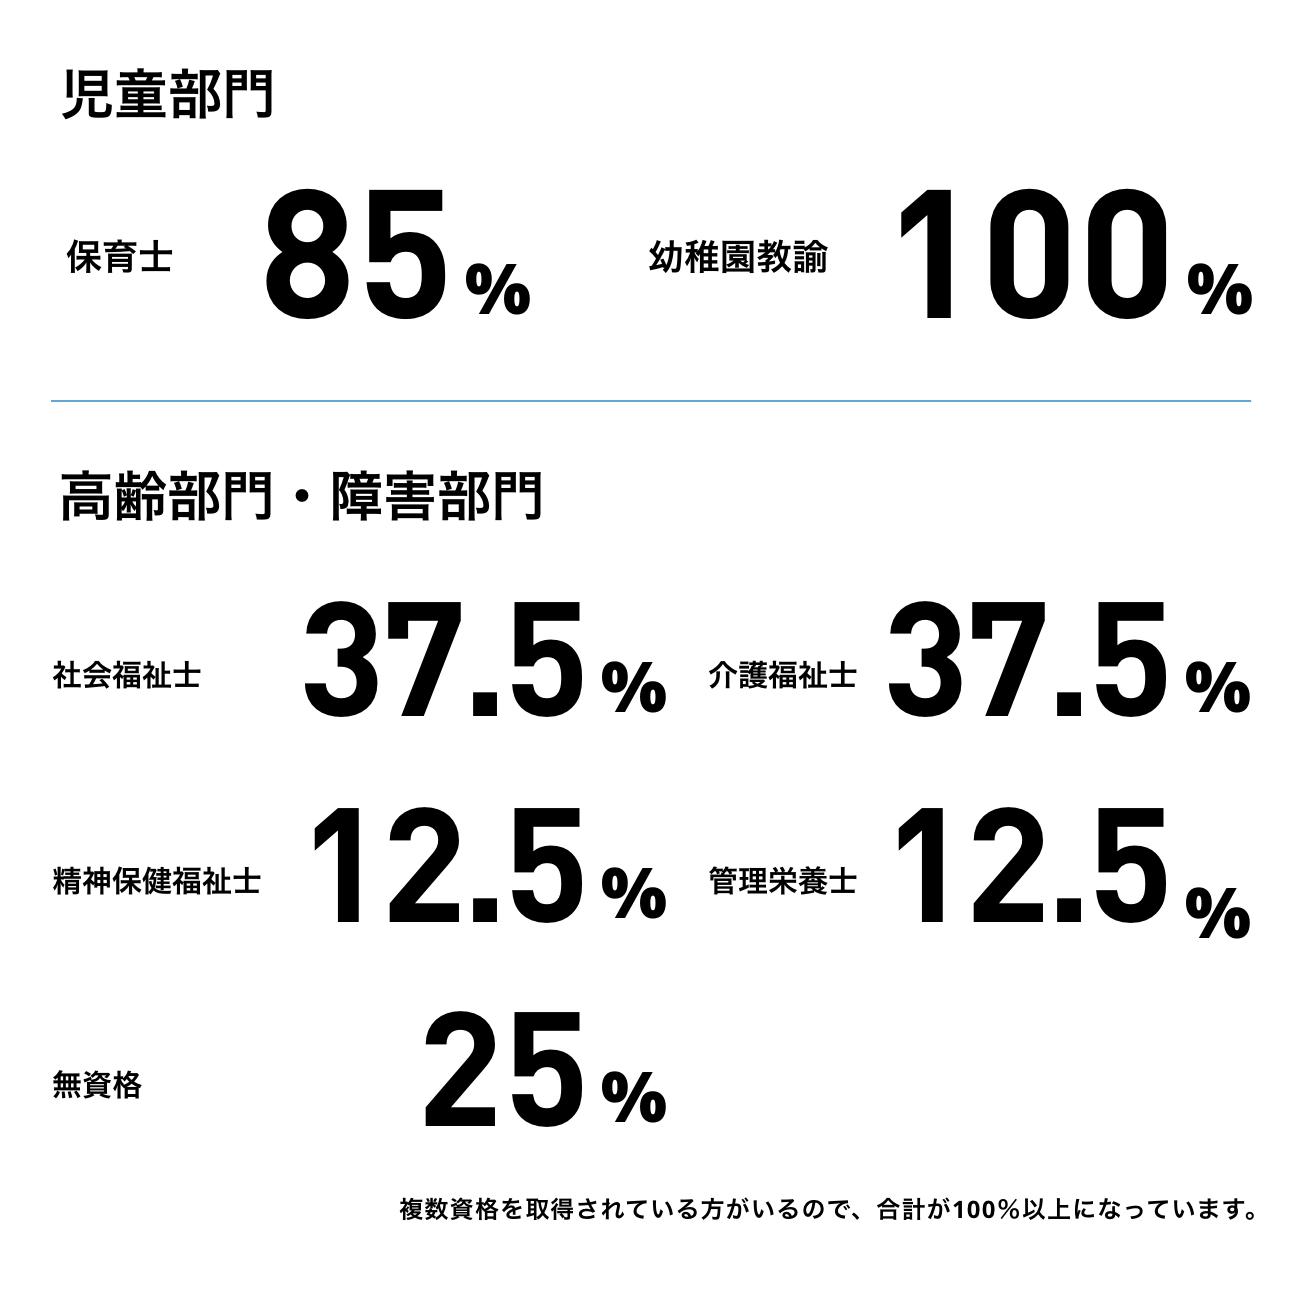 保育士:68%/社会福祉士:12%/これから取得:31%